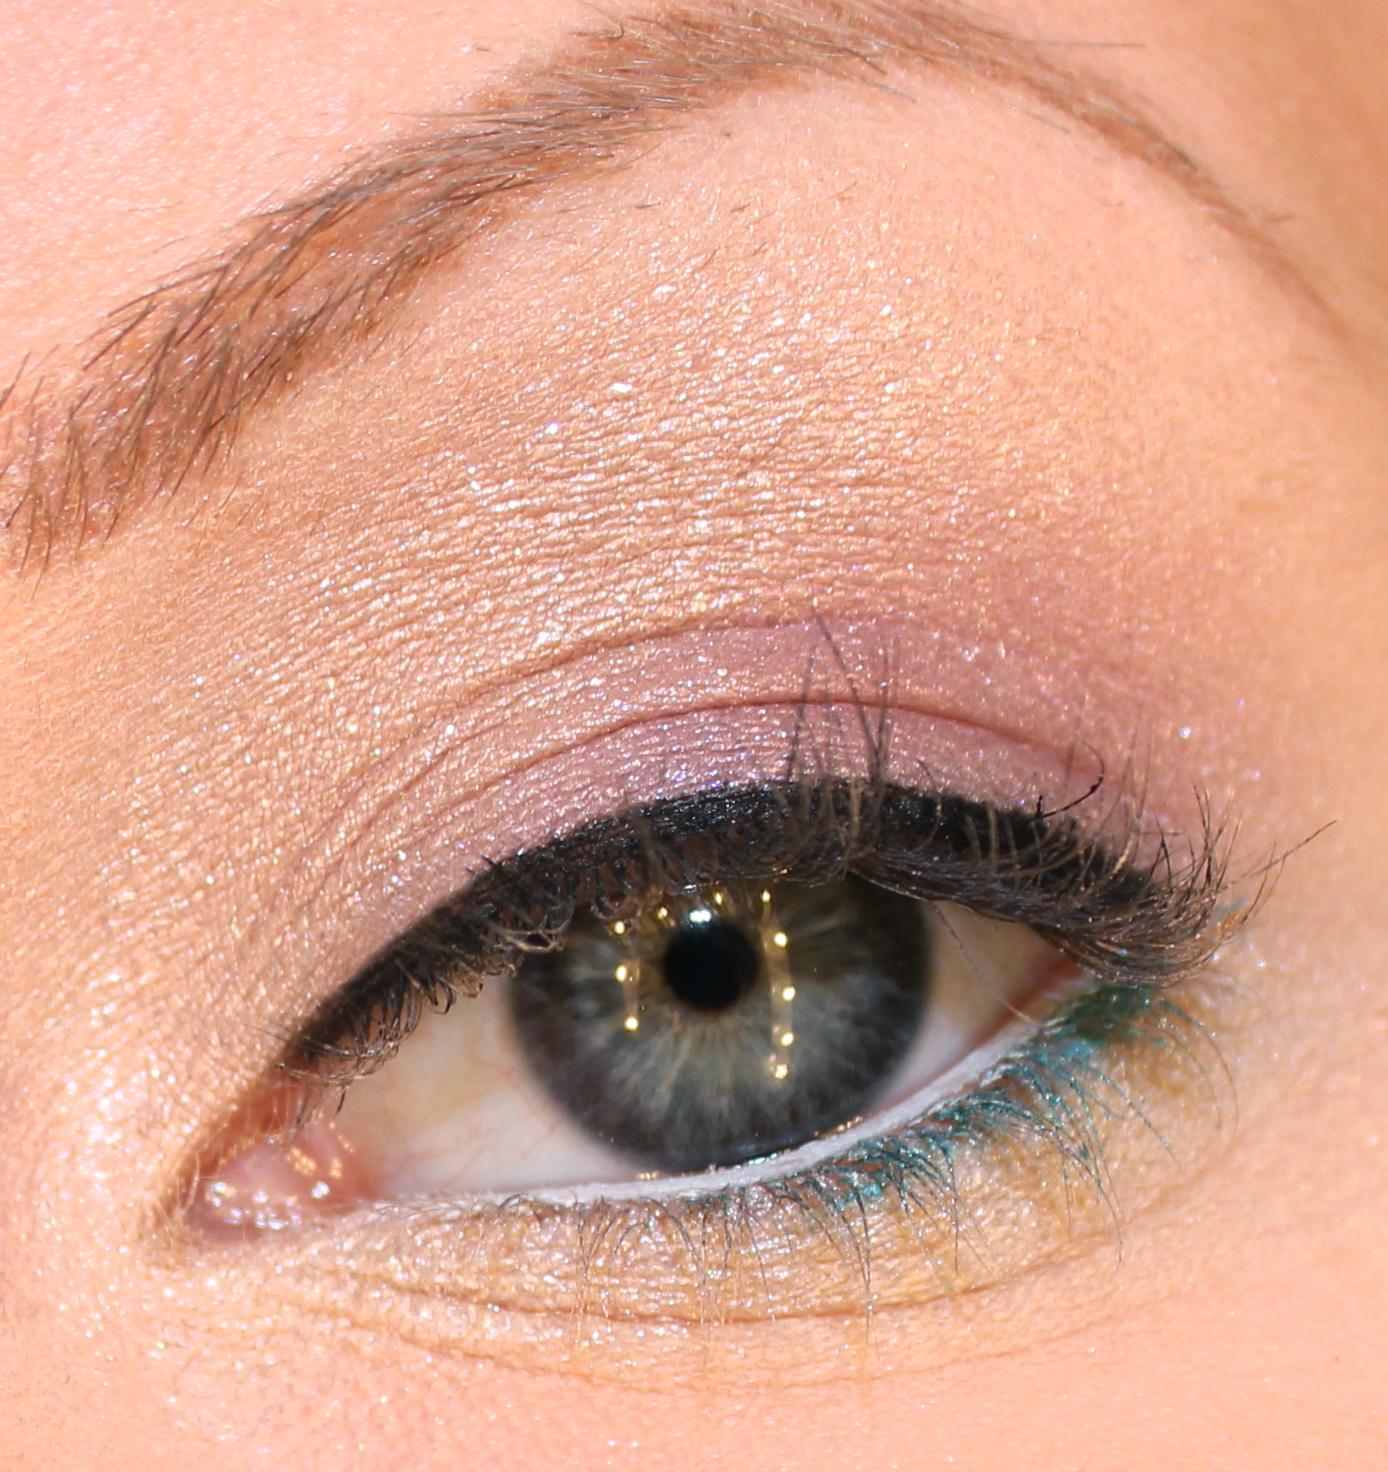 Rama in ögonen med svart eyeliner på övre fransraden och turkos kajalpenna  ytterst på undre fransraden. Öppna upp blicken med vit kajalpenna på inre  ... f26b37a2b20e8